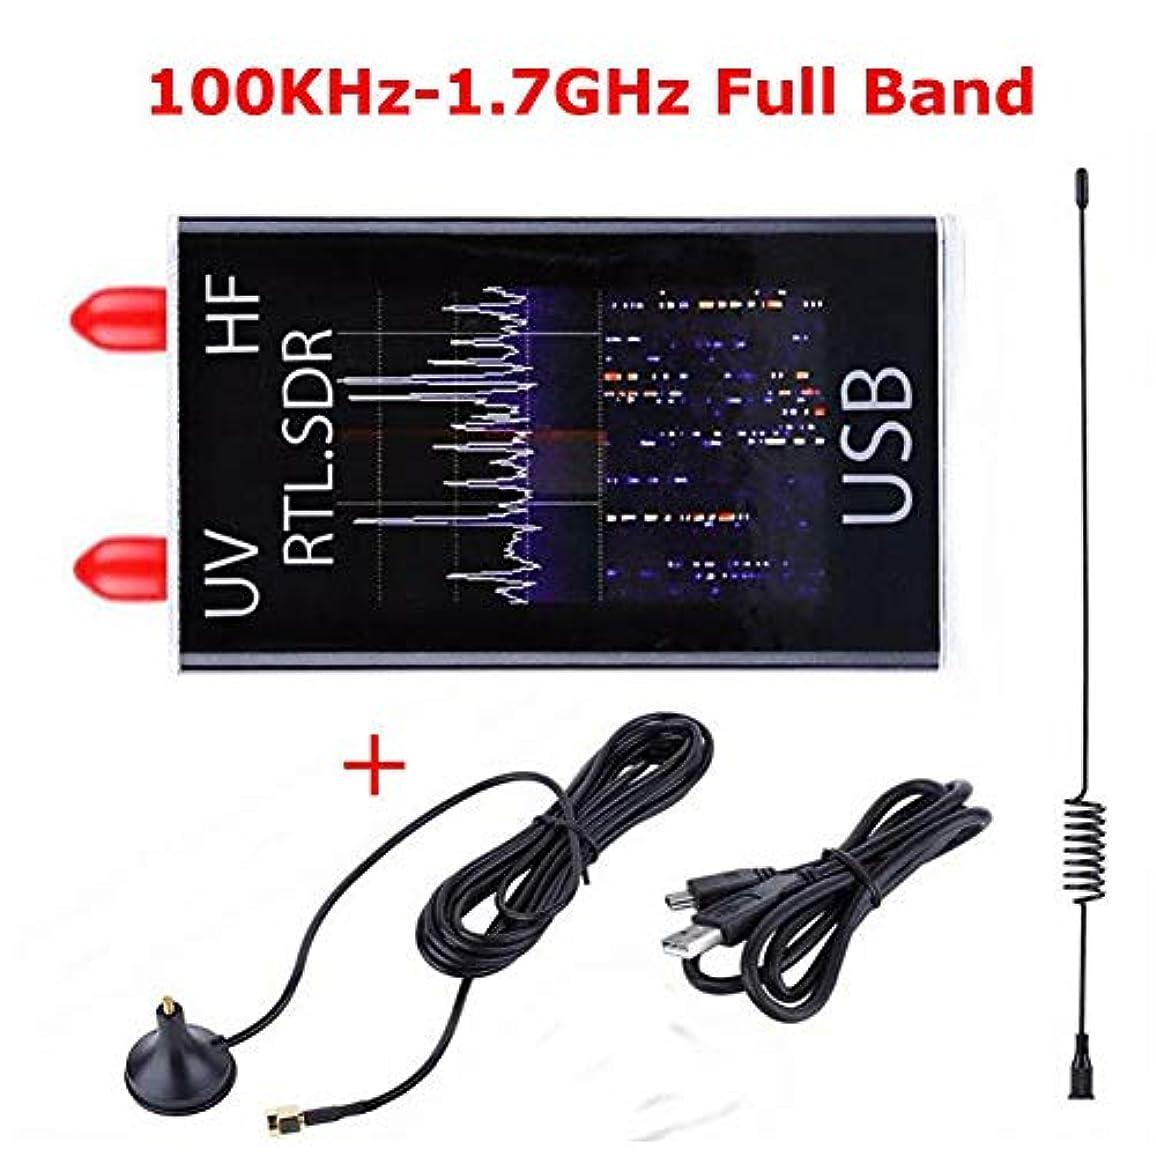 ために関税学部長ACHICOO 100KHz?1.7GHzフルバンドUV HF RTL-SDR USBチューナーレシーバ/ R820T + 8232ハムラジオ